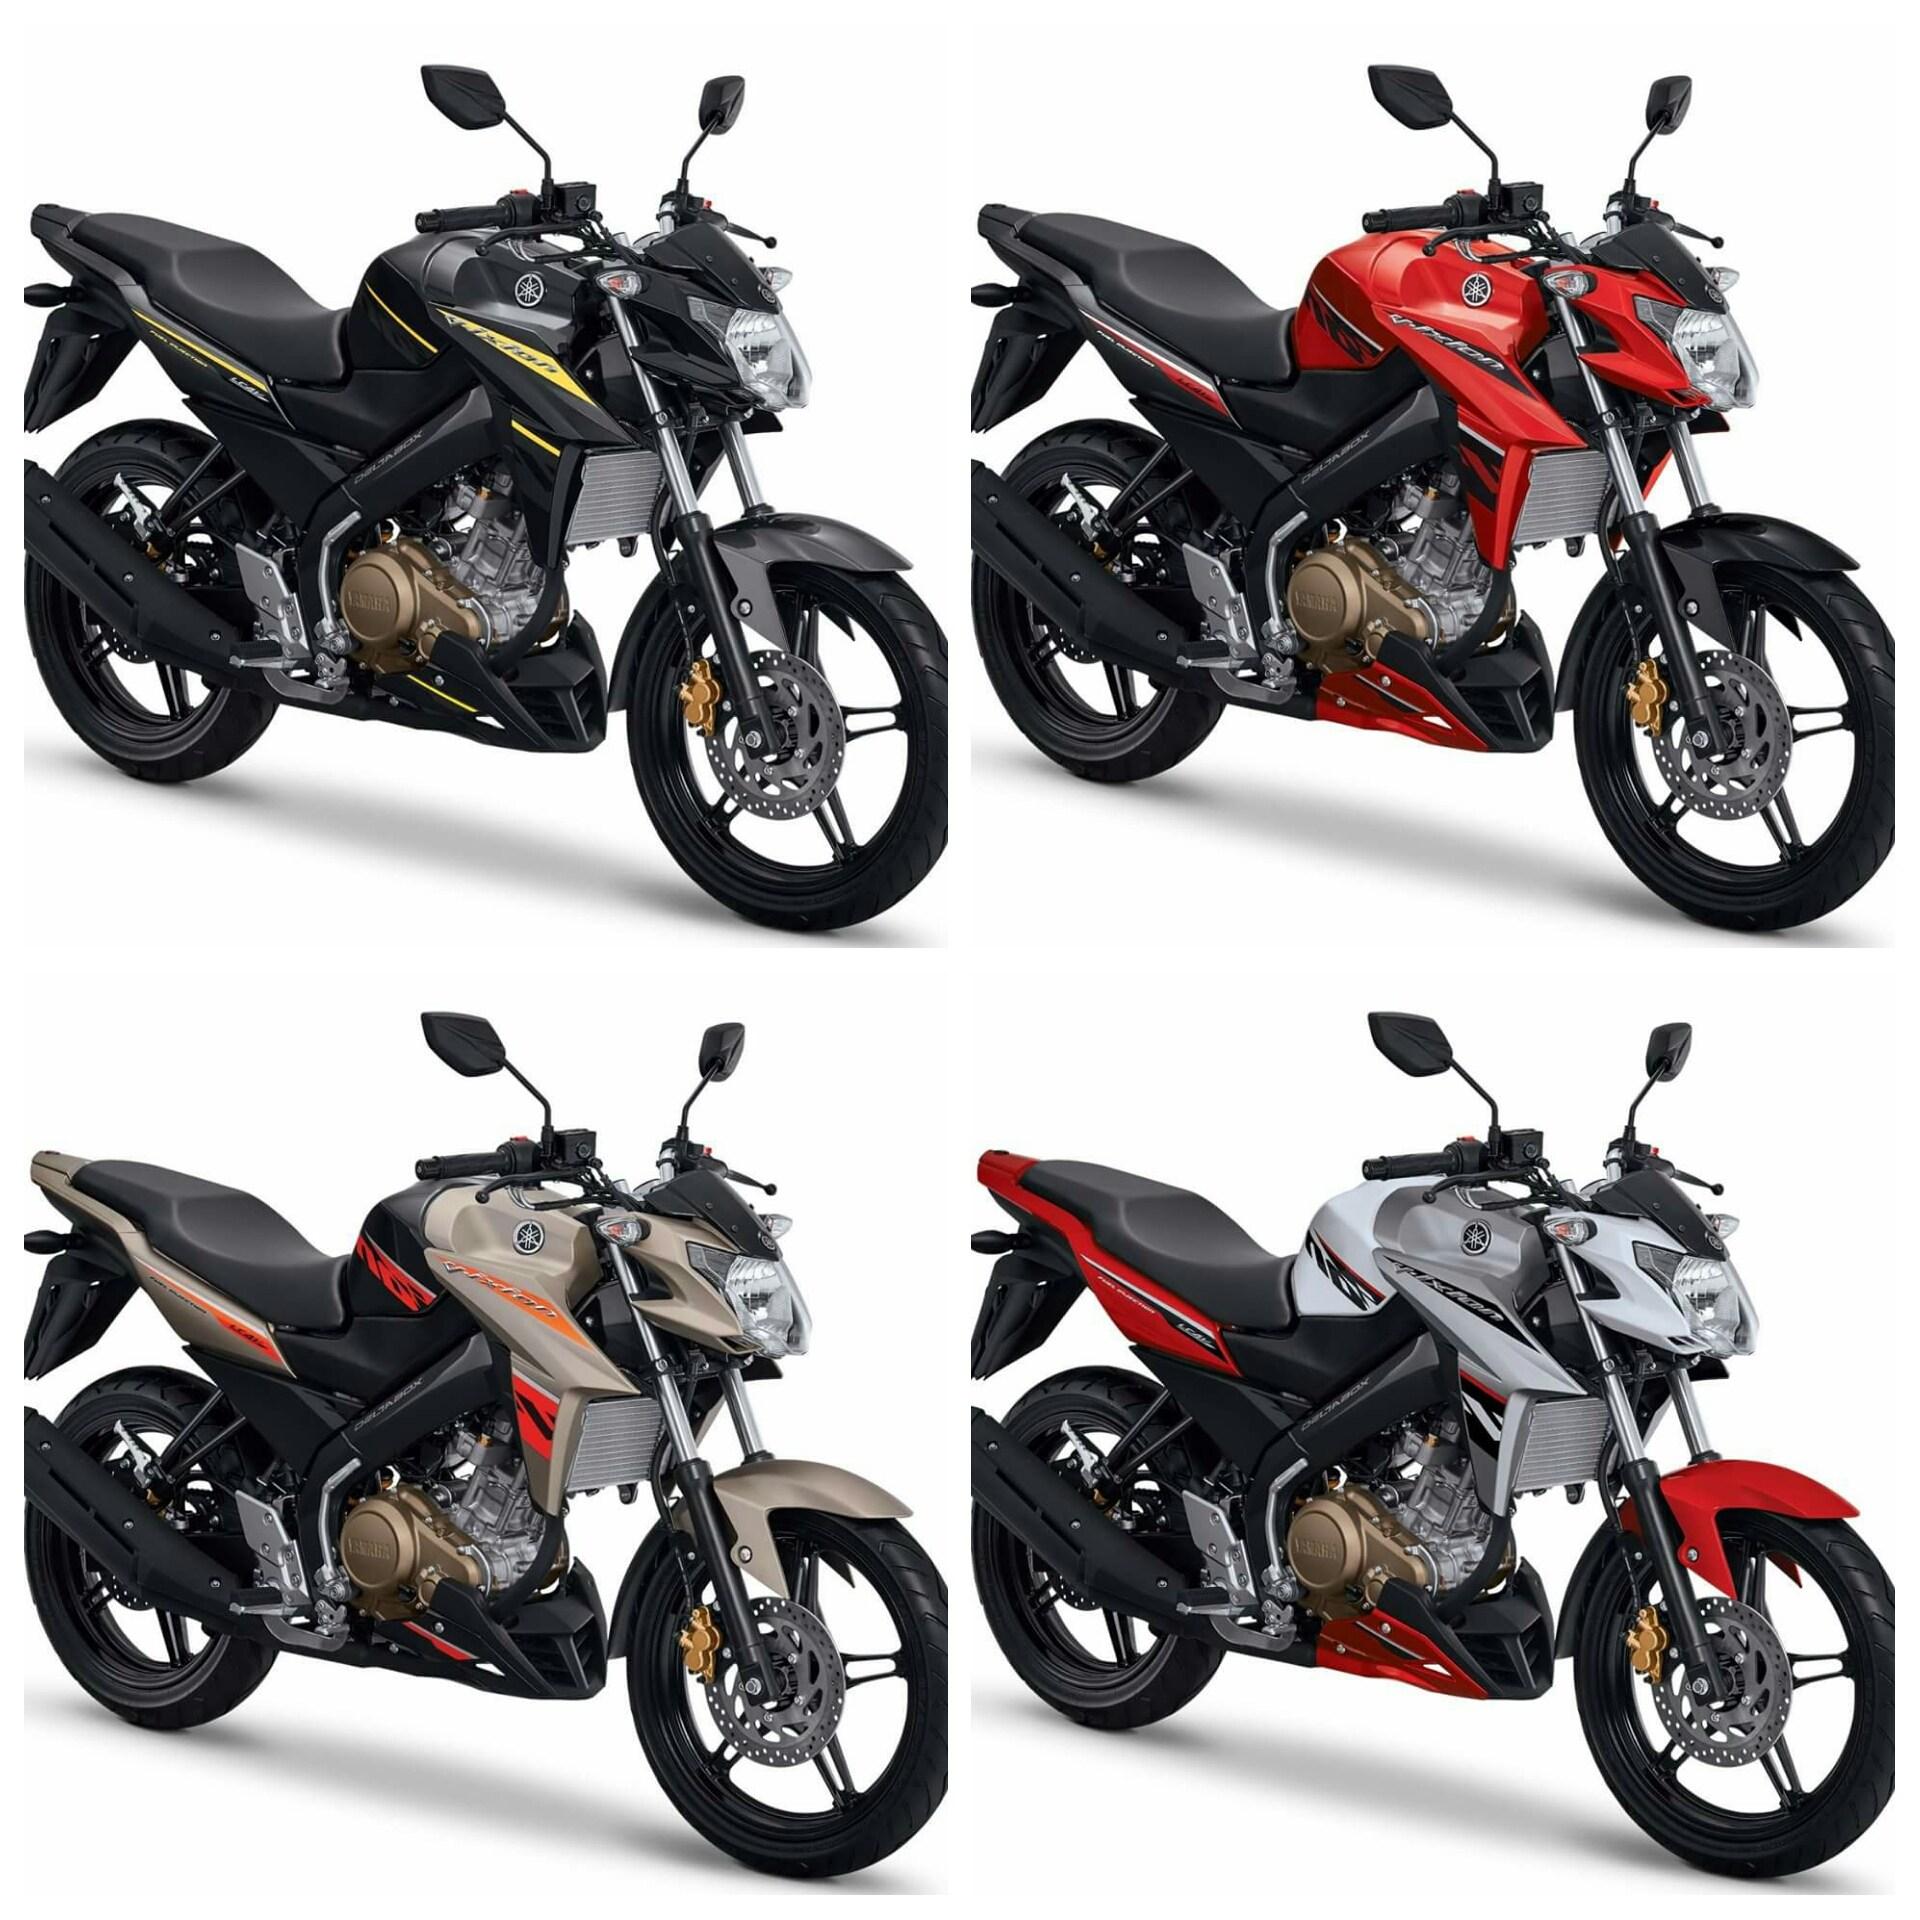 66 Daftar Harga Kredit Motor Yamaha Nmax 2020 Modifikasi